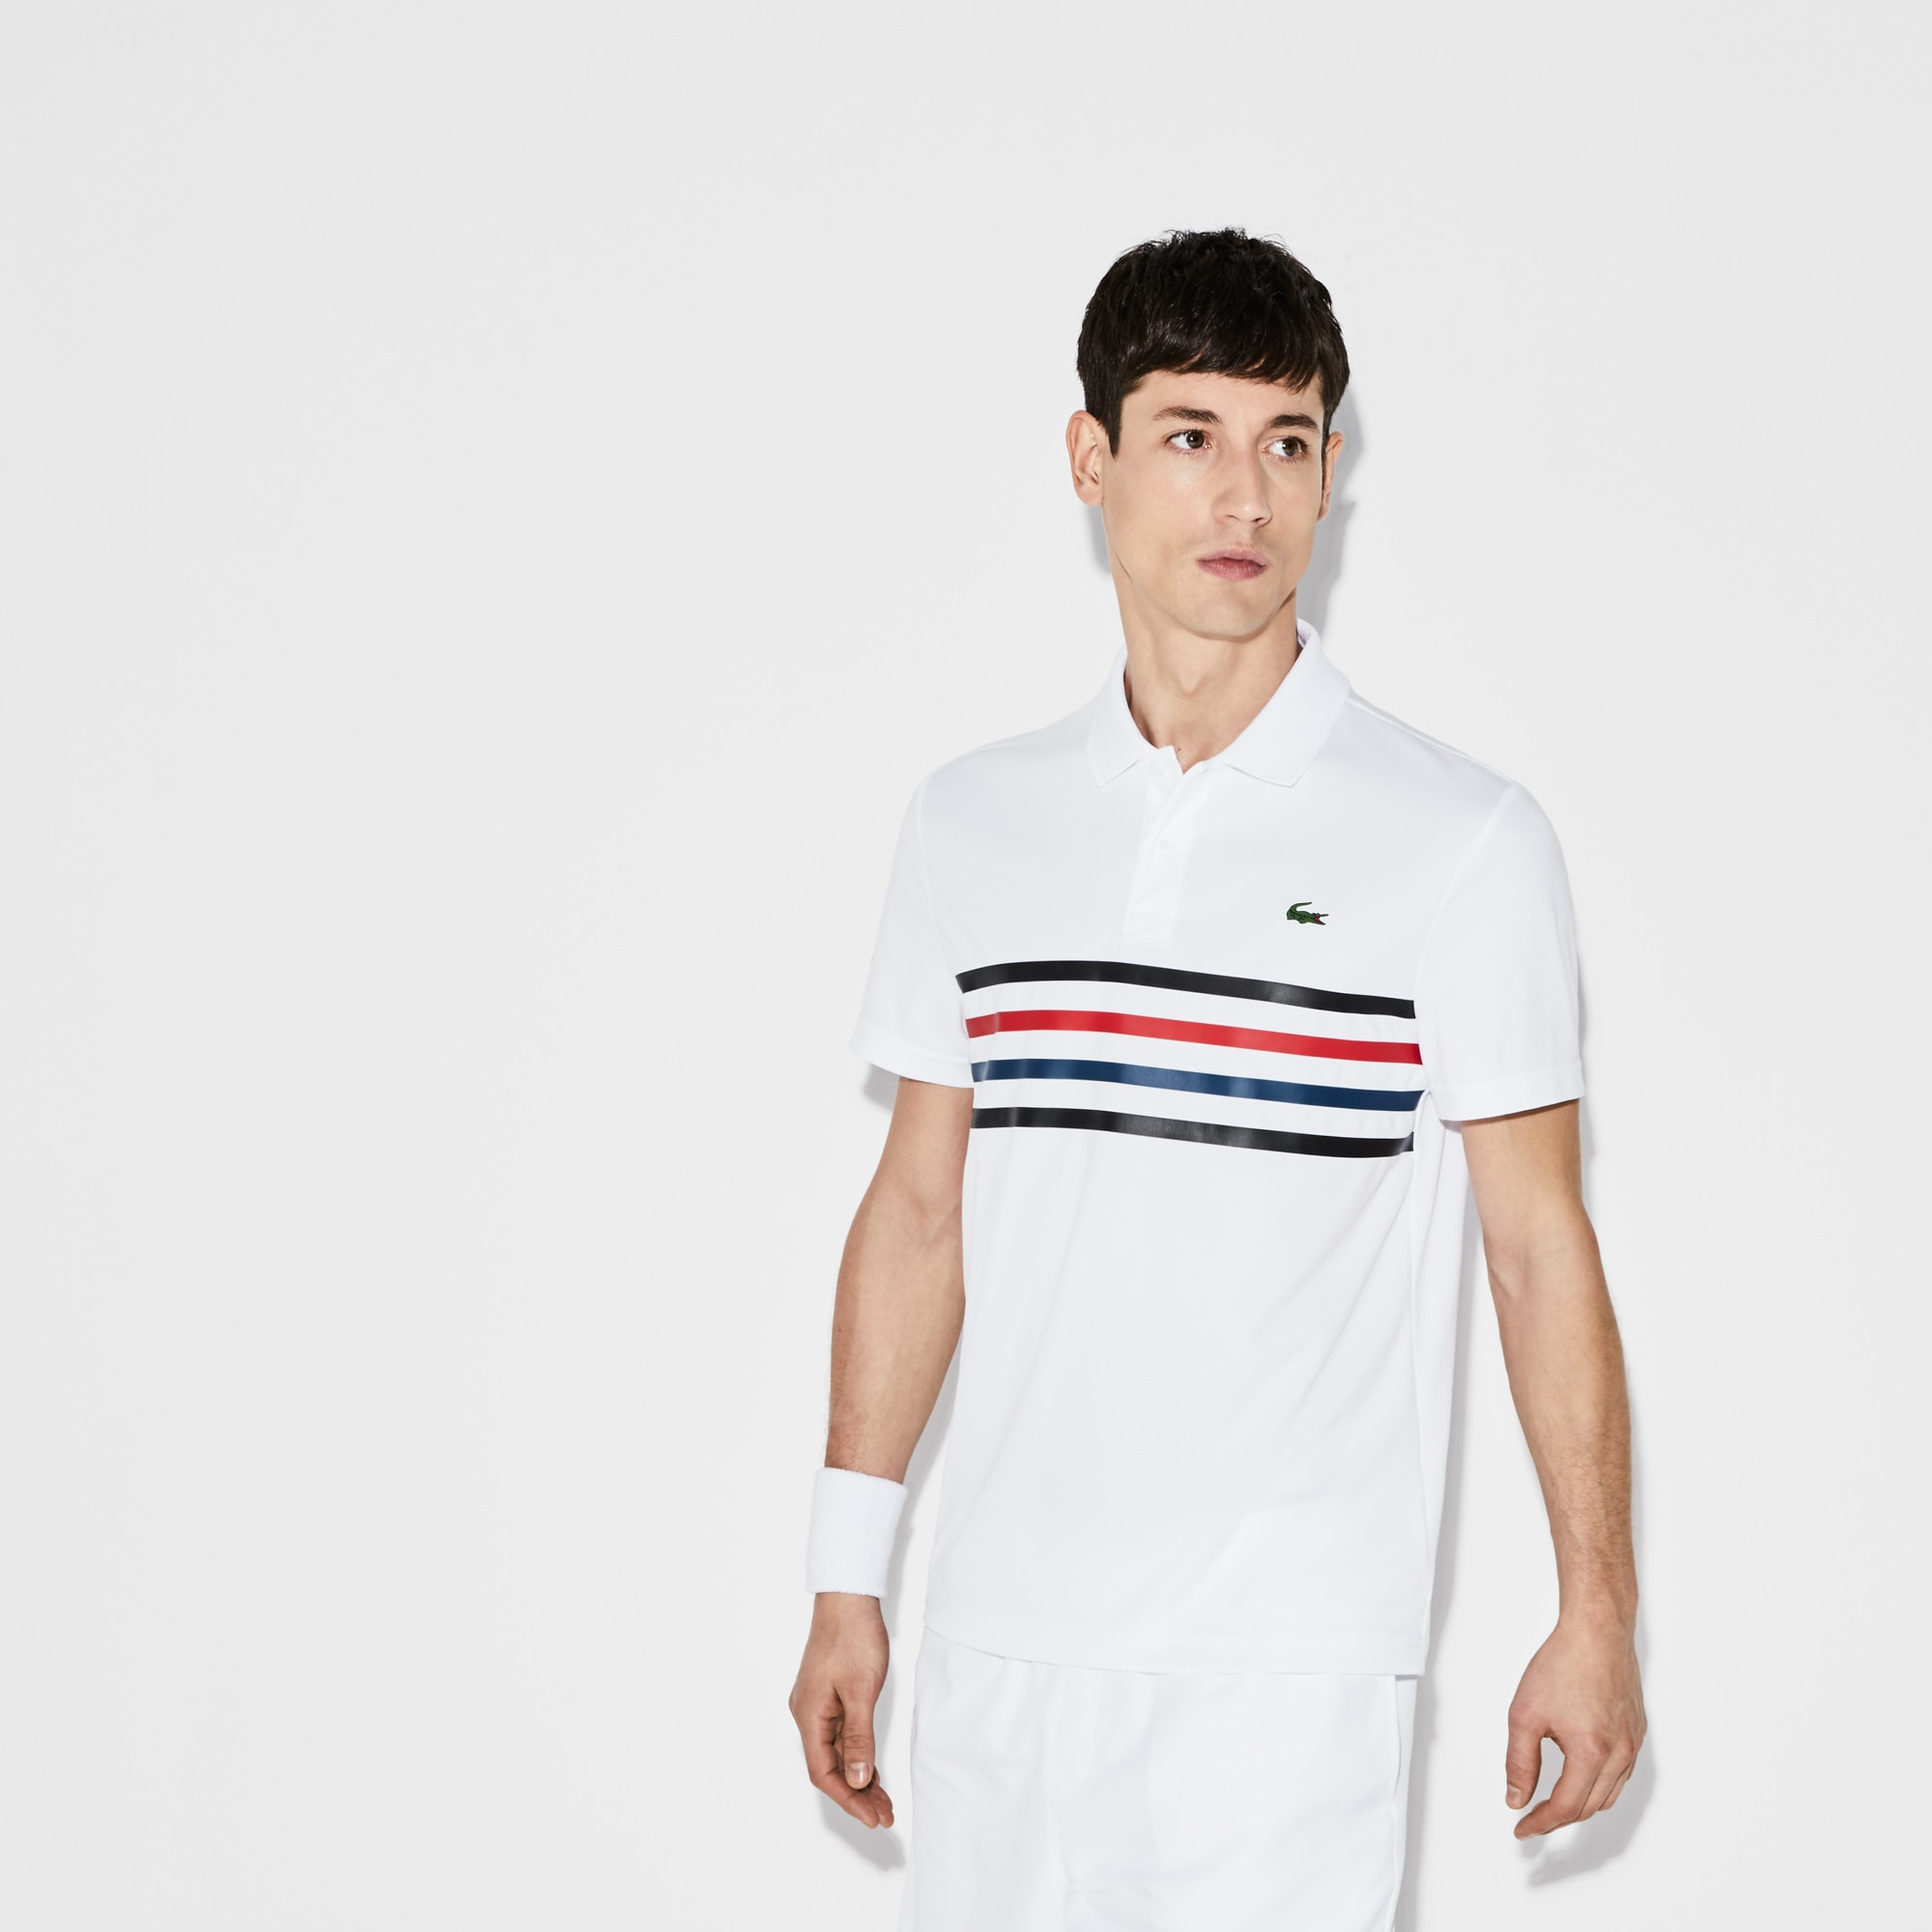 Polo Tennis Lacoste SPORT in piqué tecnico con fasce colorate